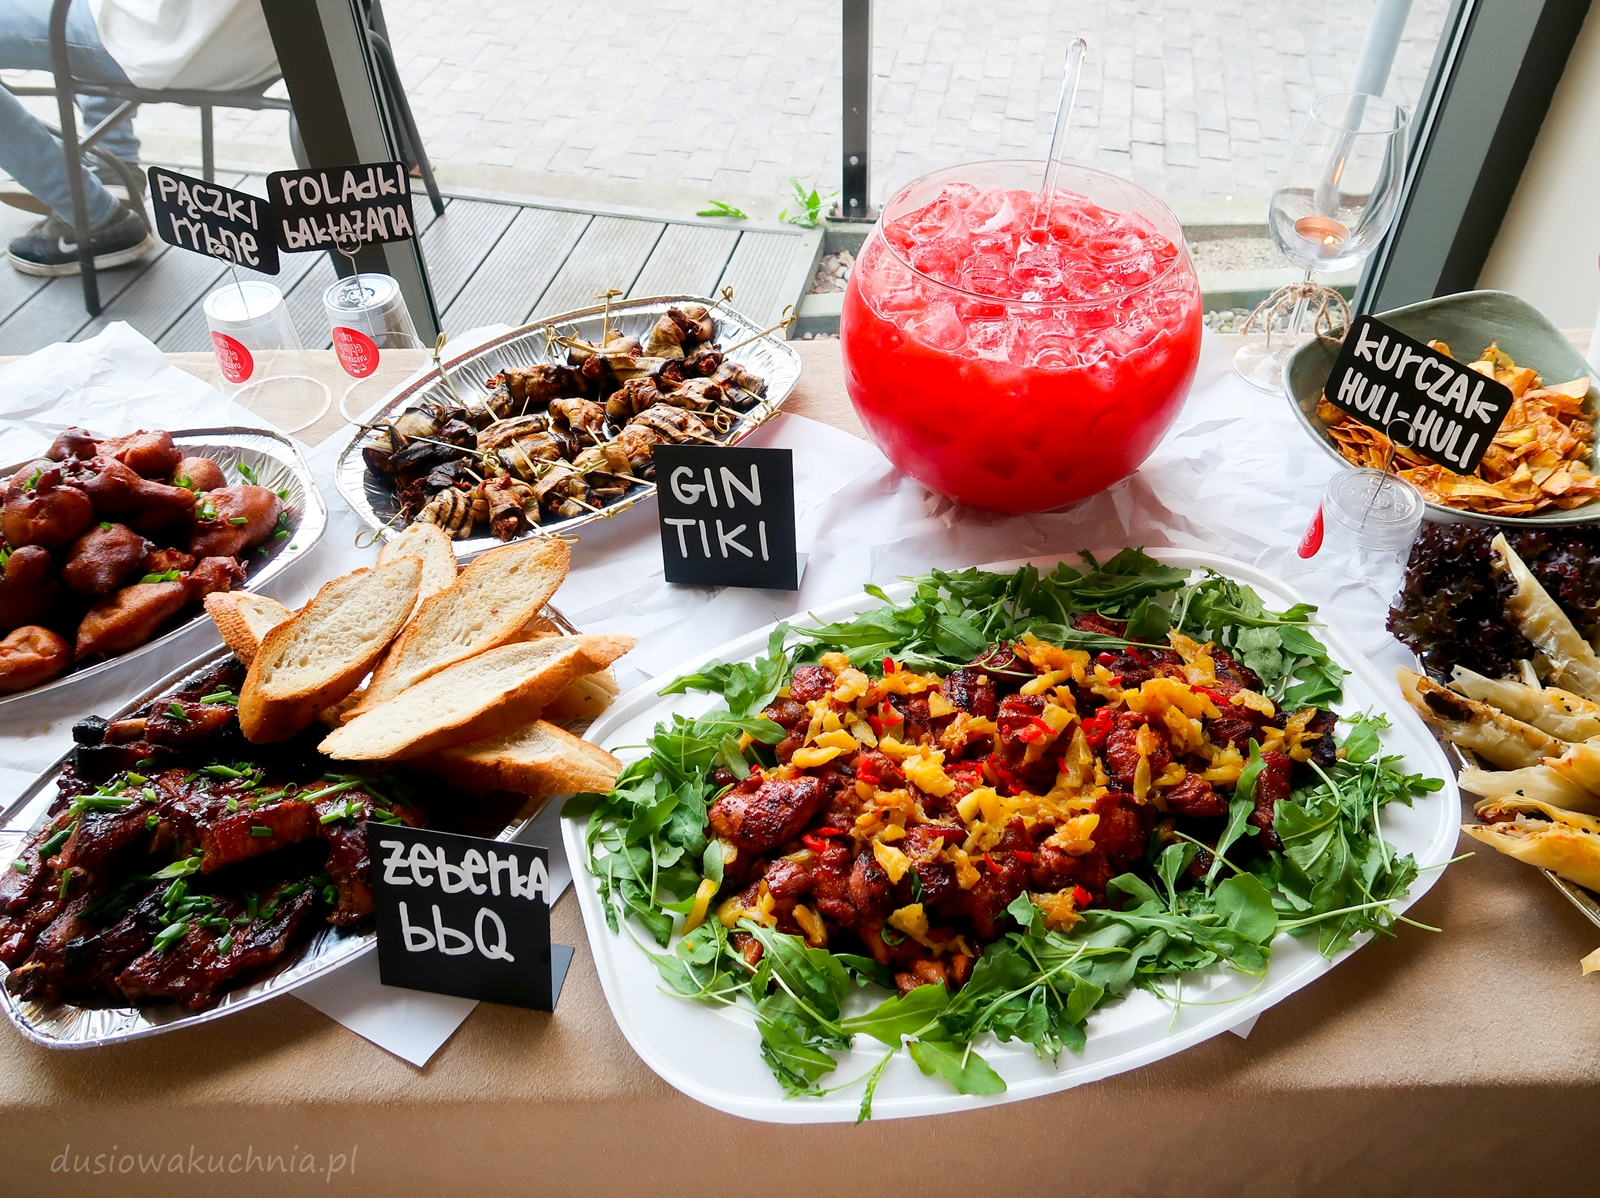 Wieczory Fiesta Firends w Marmolada Chleb i Kawa (Gdynia)